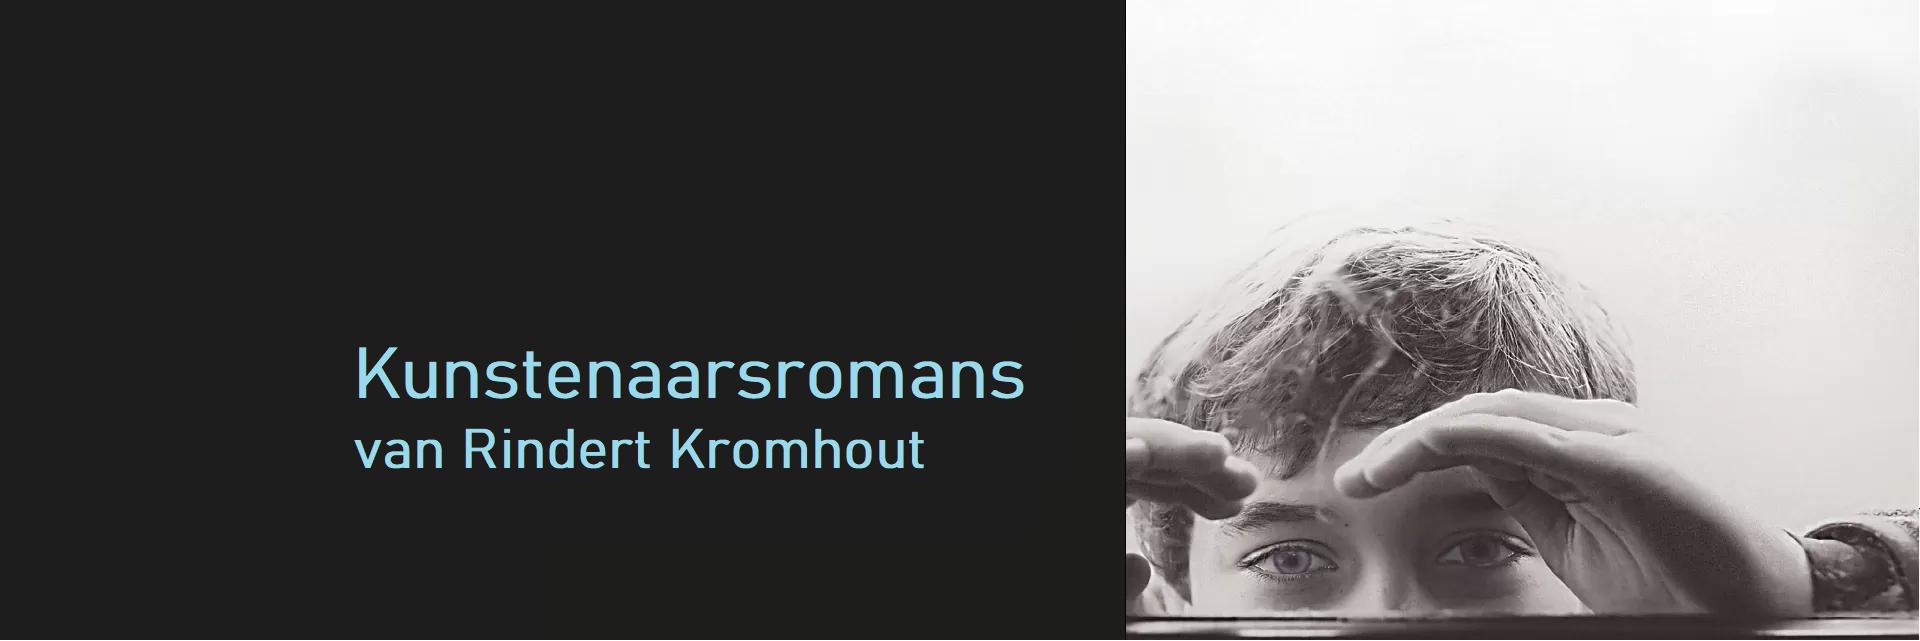 Kunstenaarsromans van Rindert Kromhout